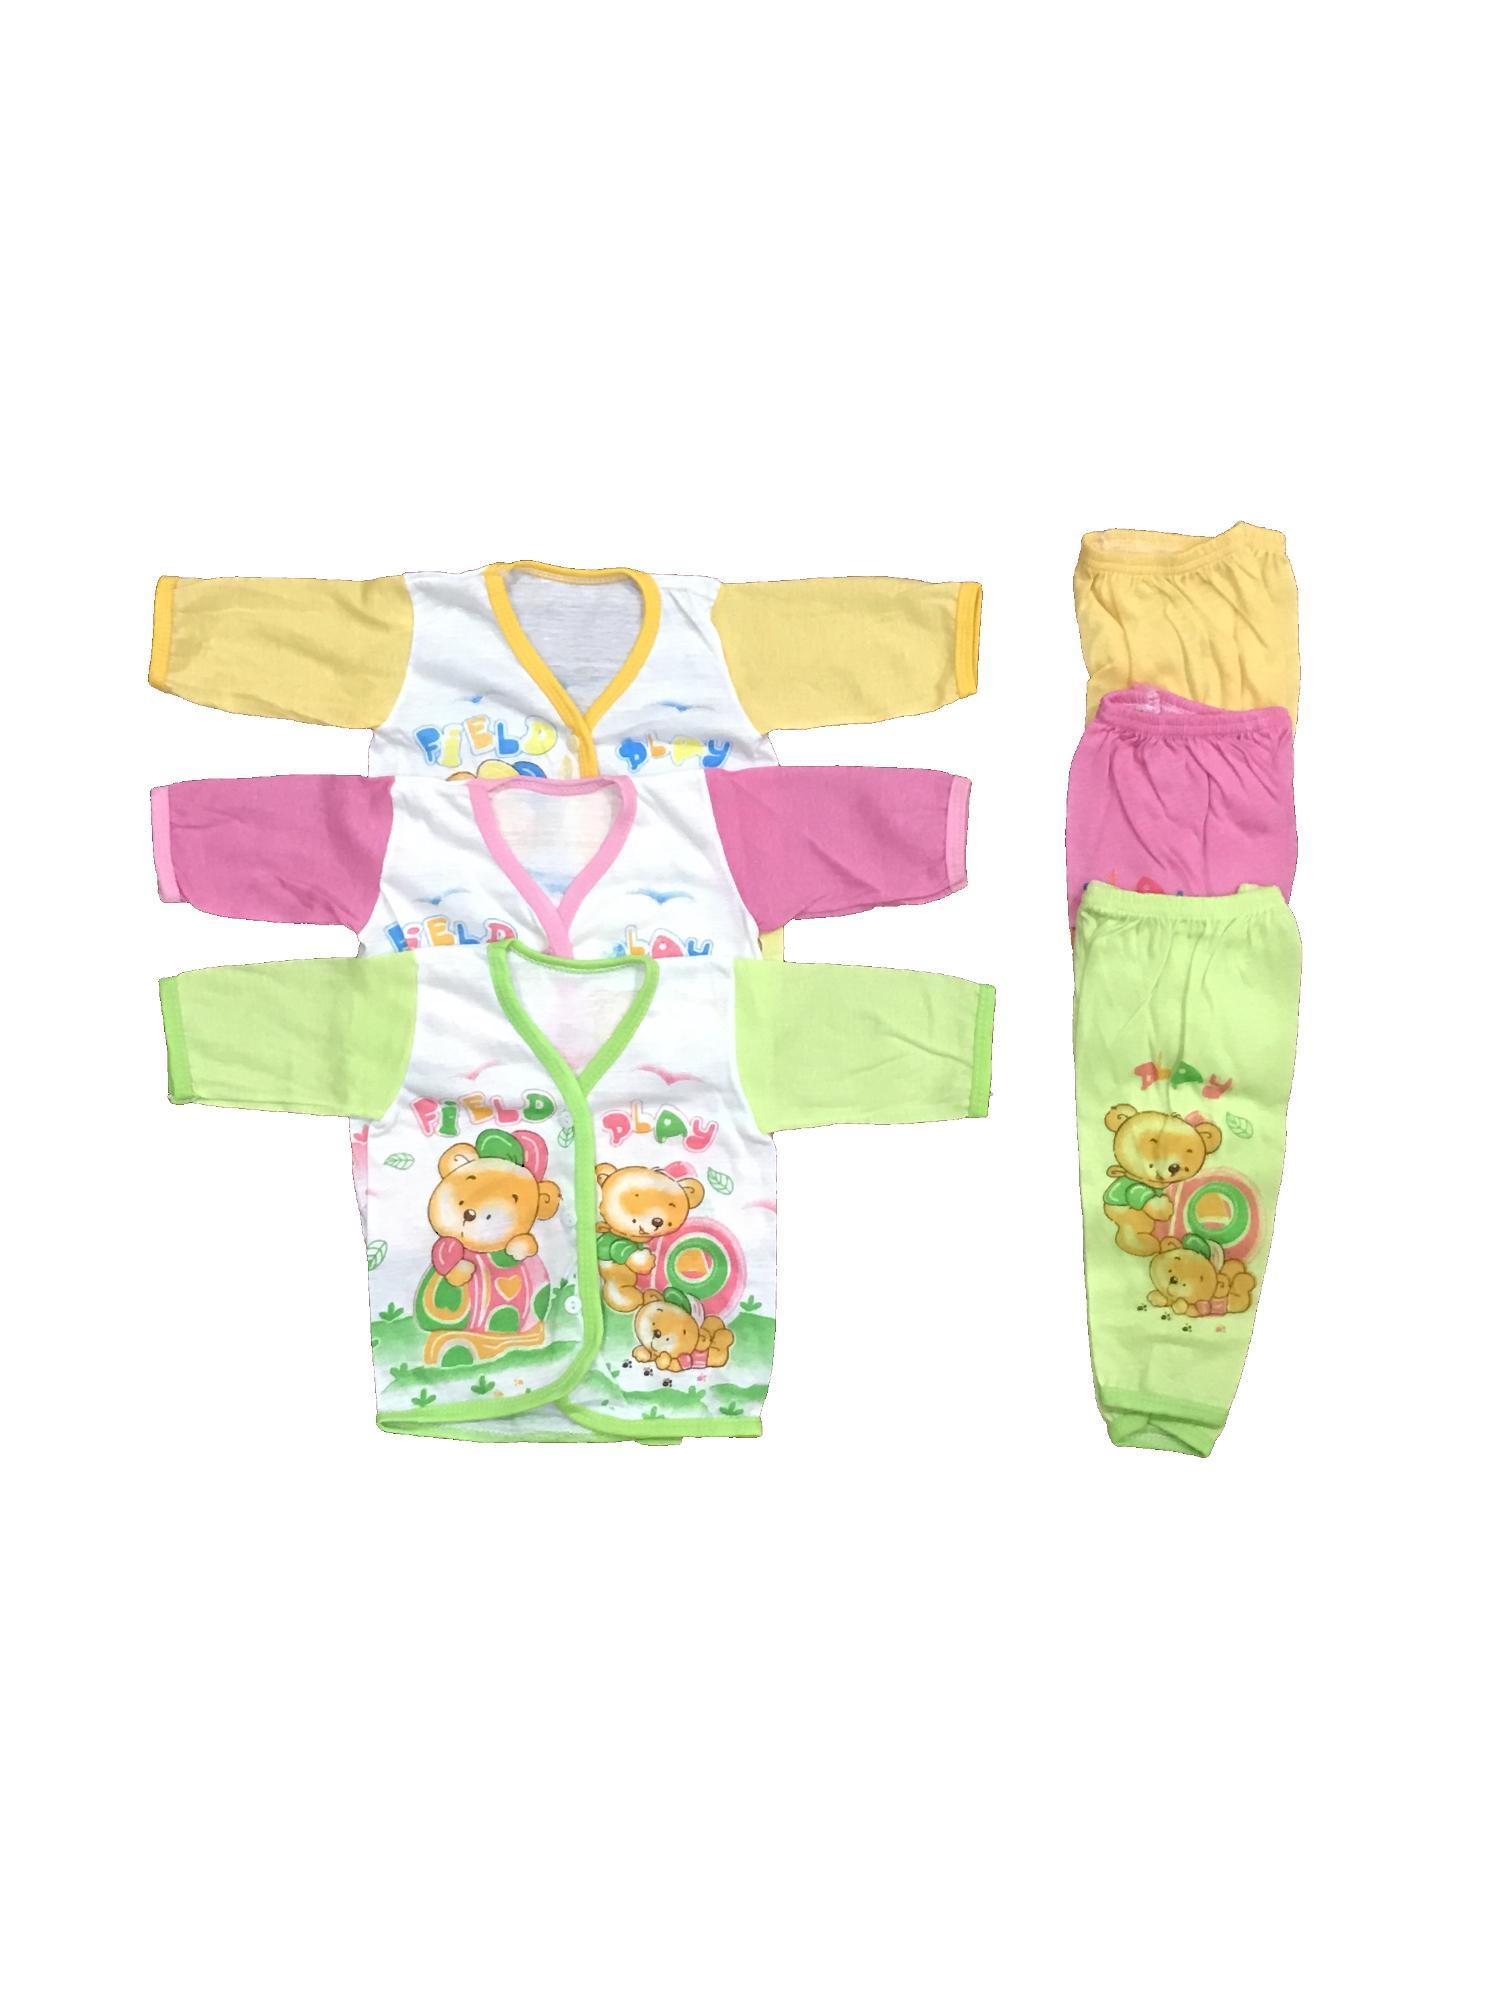 BAYIE - 3 SET Setelan Baju Bayi Lengan Panjang+Celana Panjang Motif lucu new born MELODY umur 0-3 bulan/bajurumah/anak laki-laki/anak perempuan